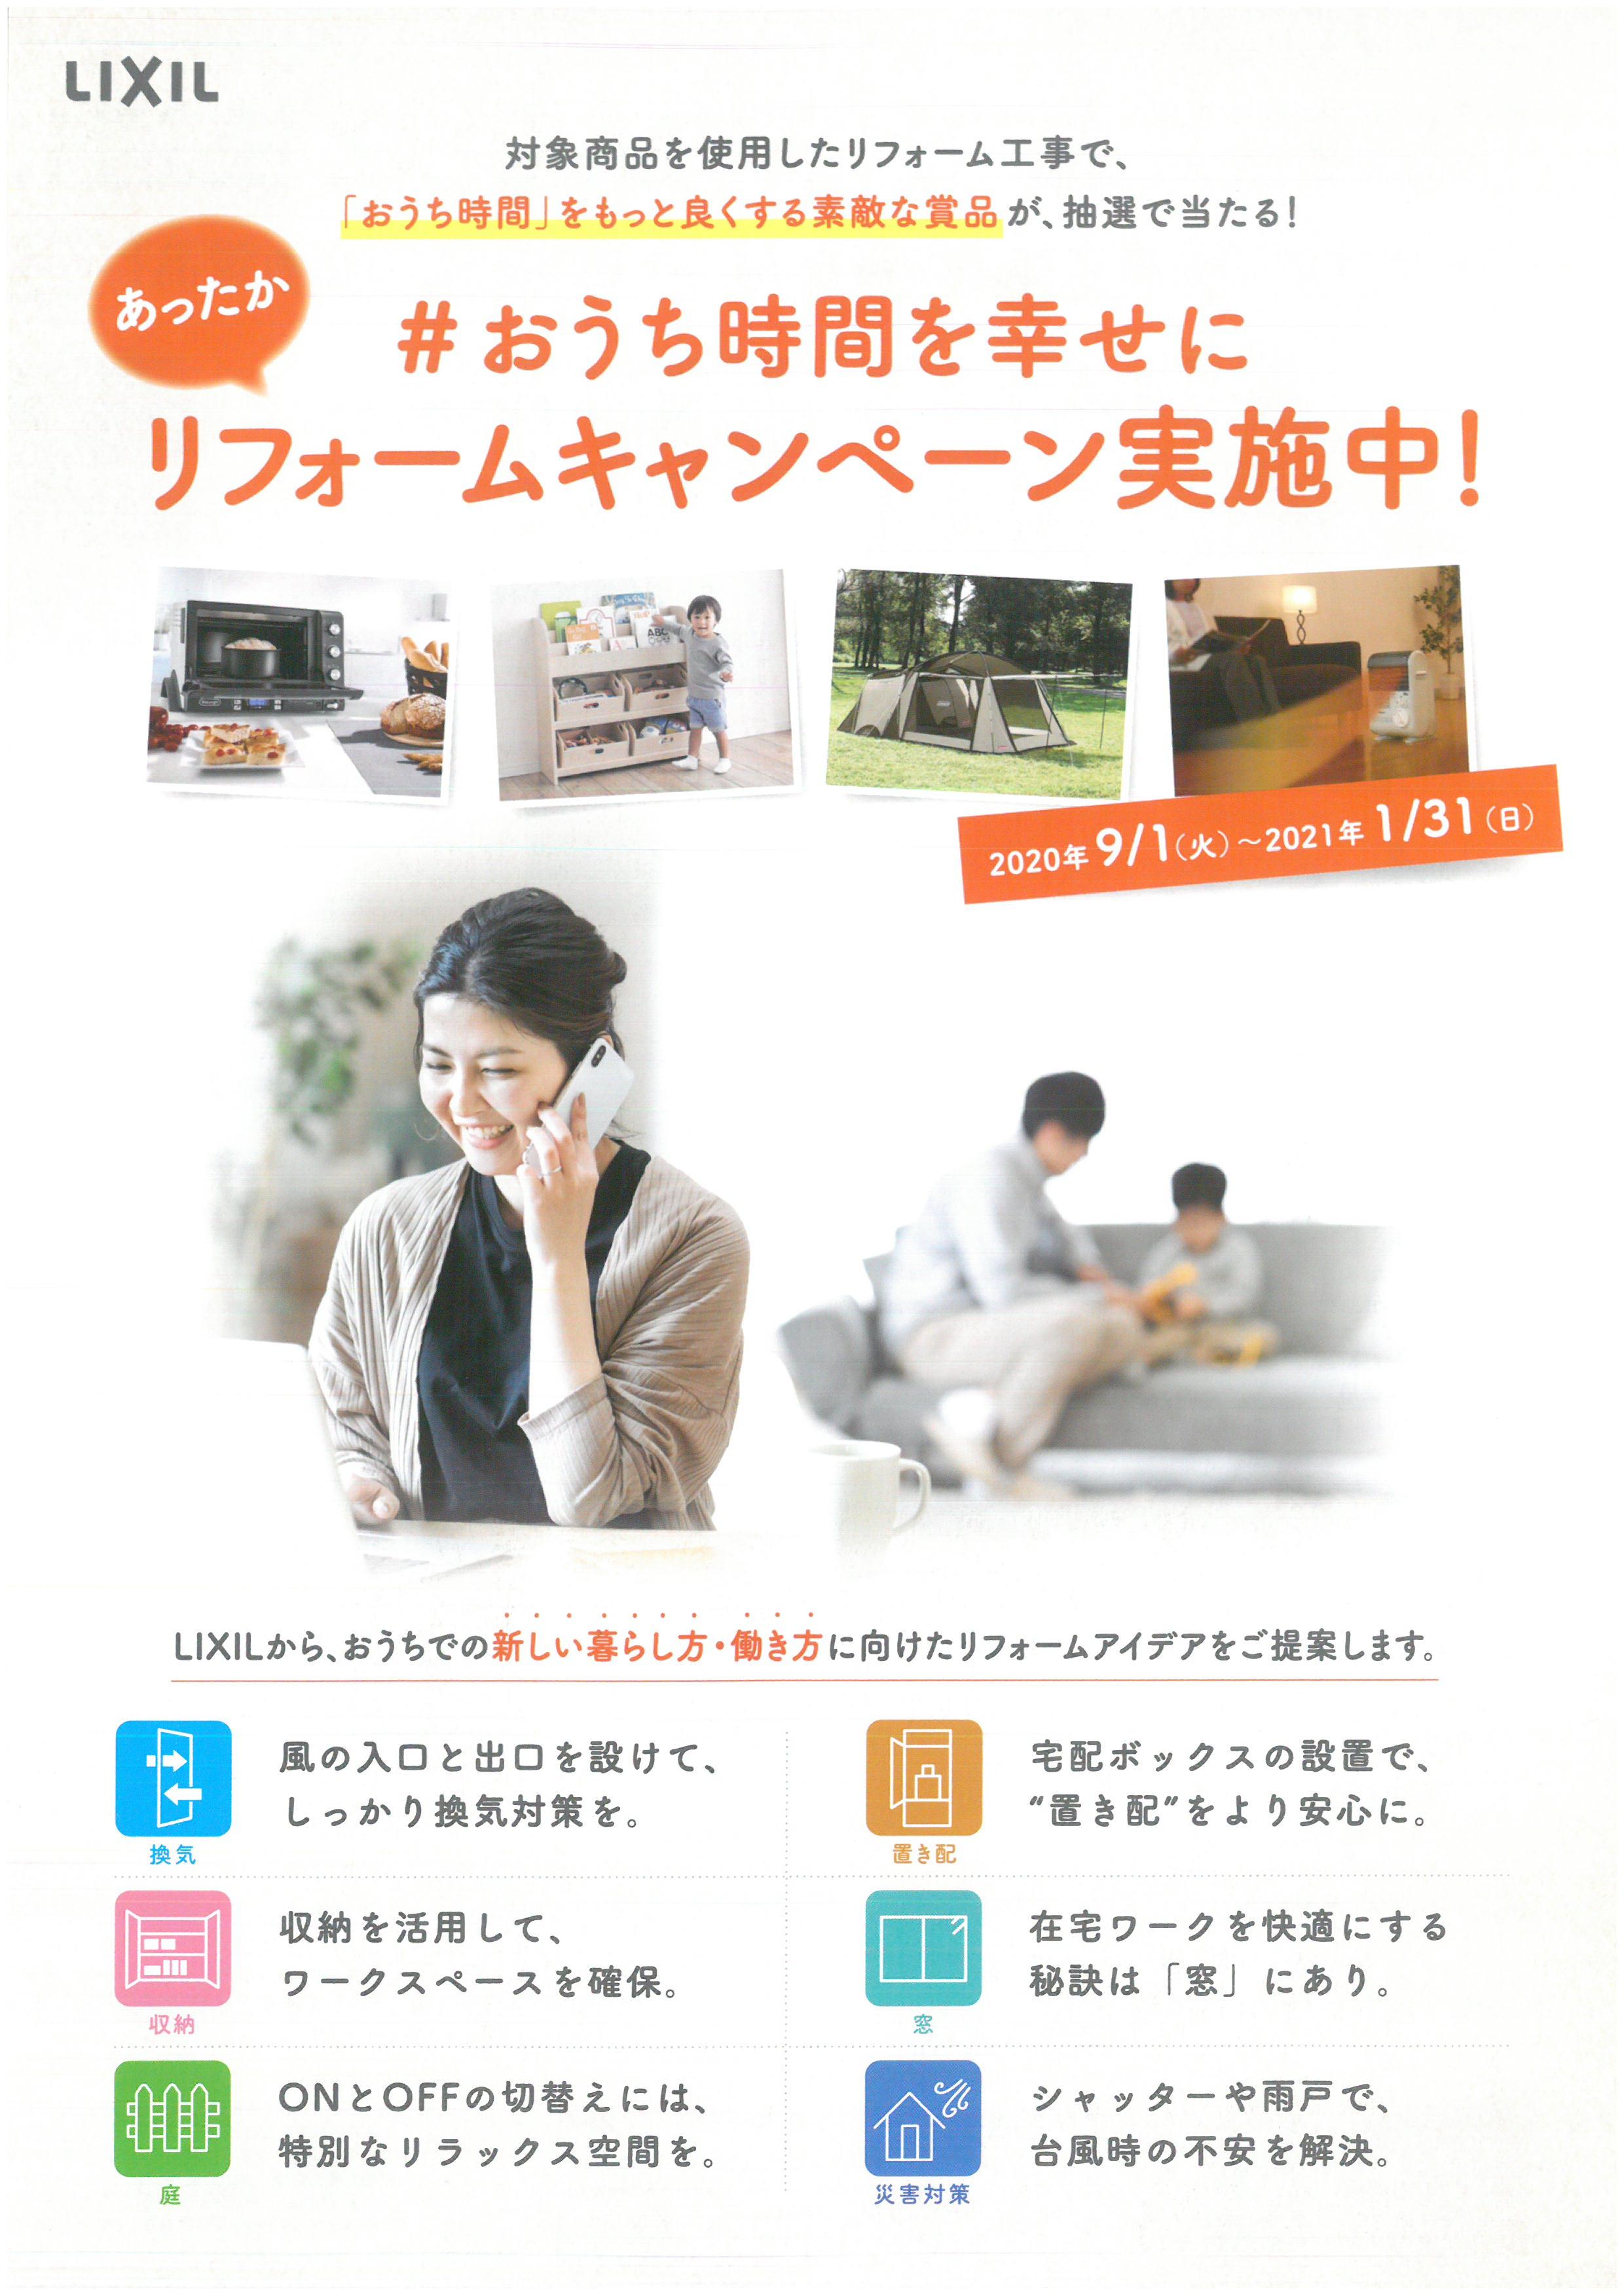 LIXIL あったかリフォームキャンペーン中!!